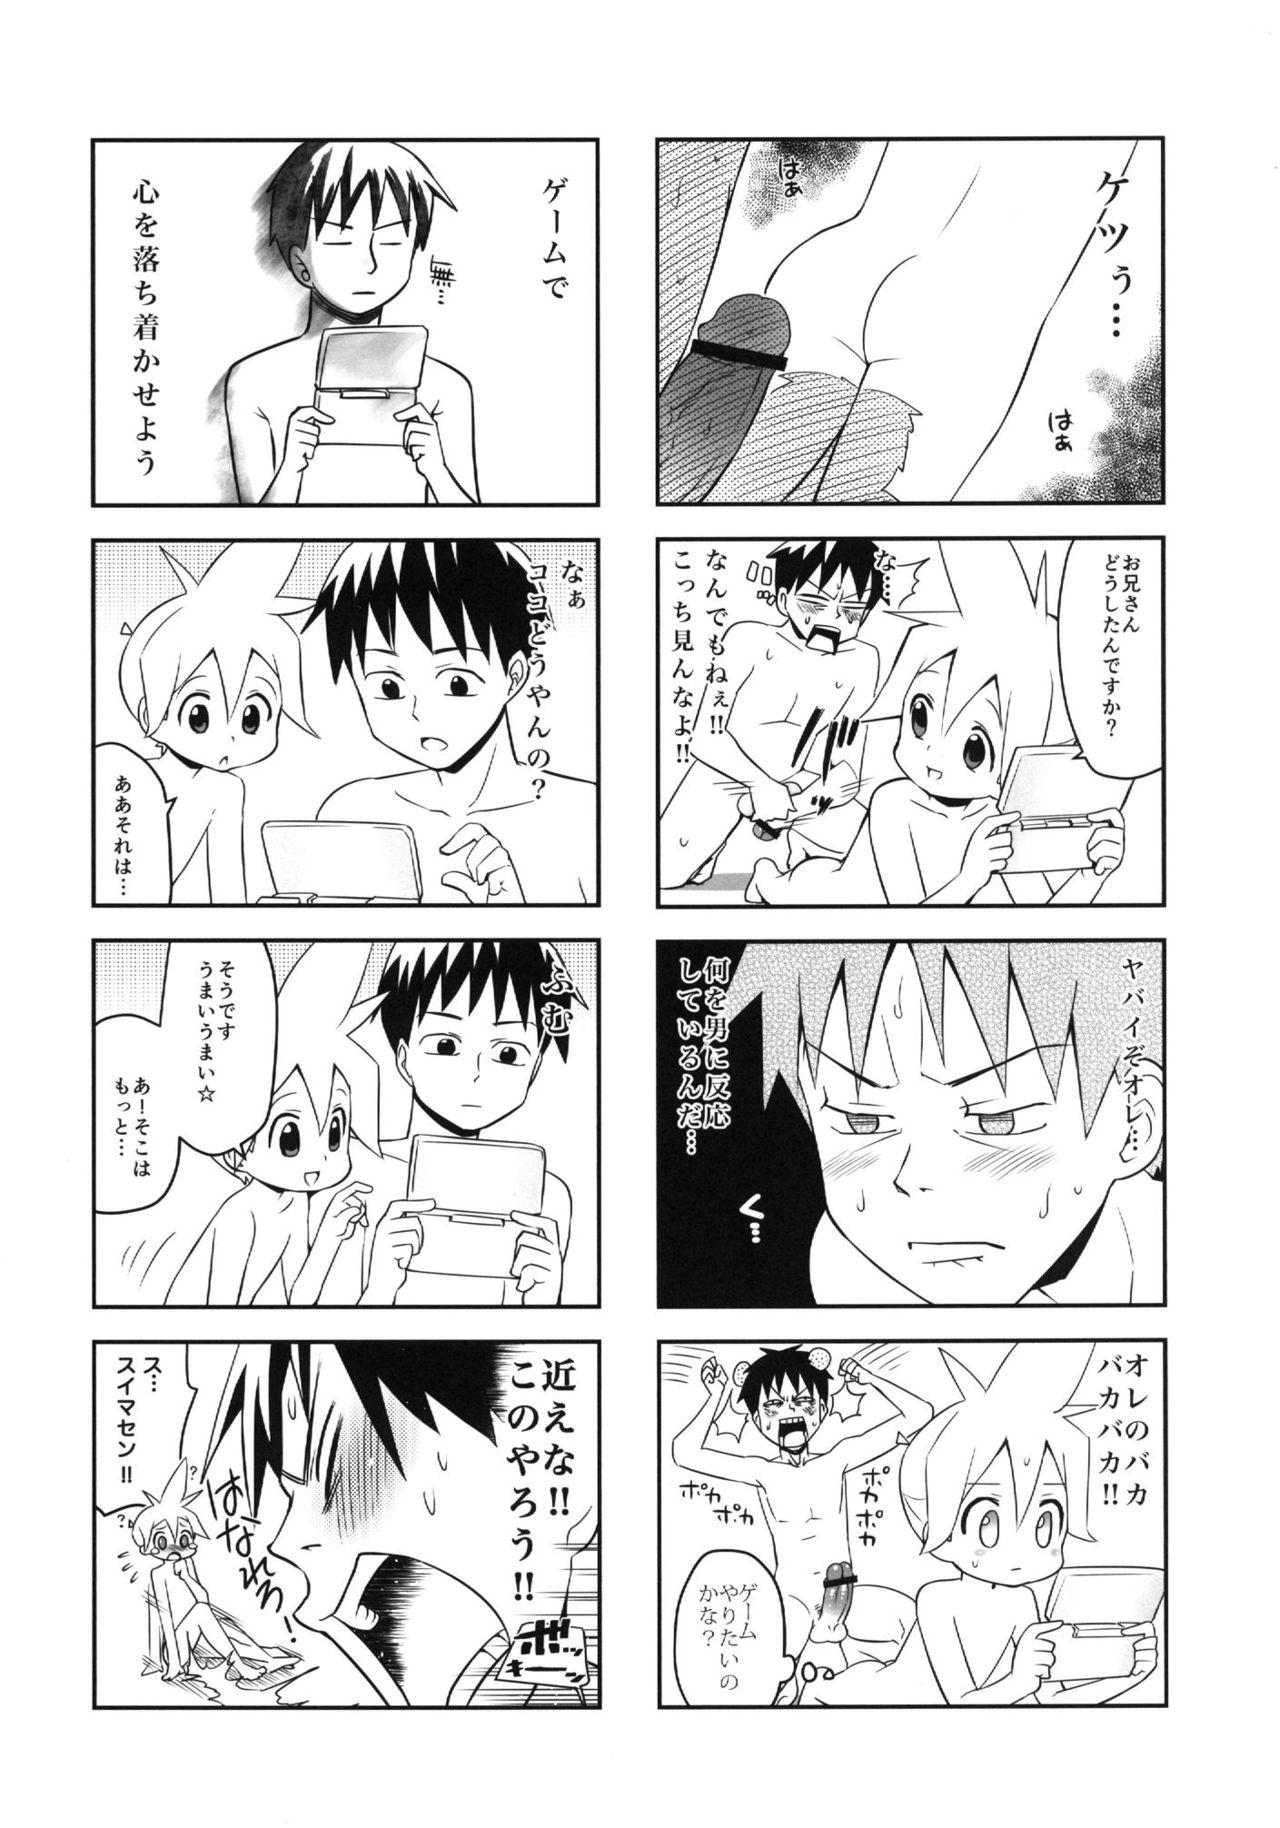 Mikkumiku na Hannou volume. 5 26